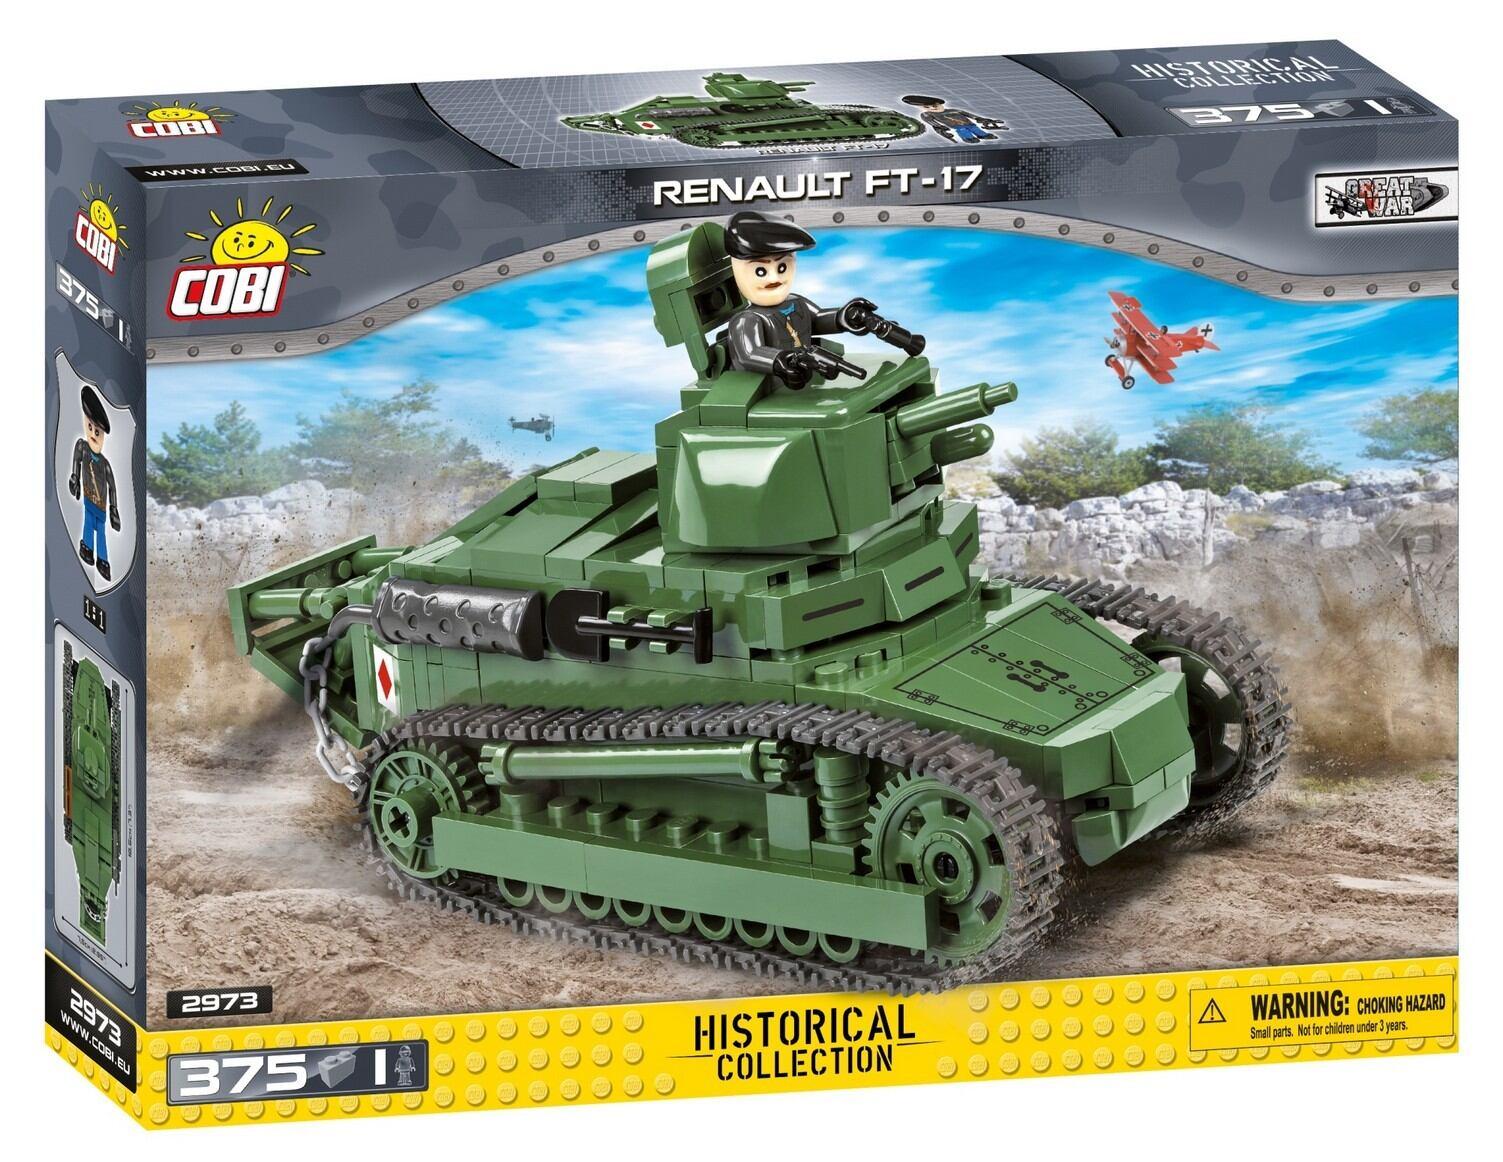 COBI-2973 ルノー FT-17 軽戦車